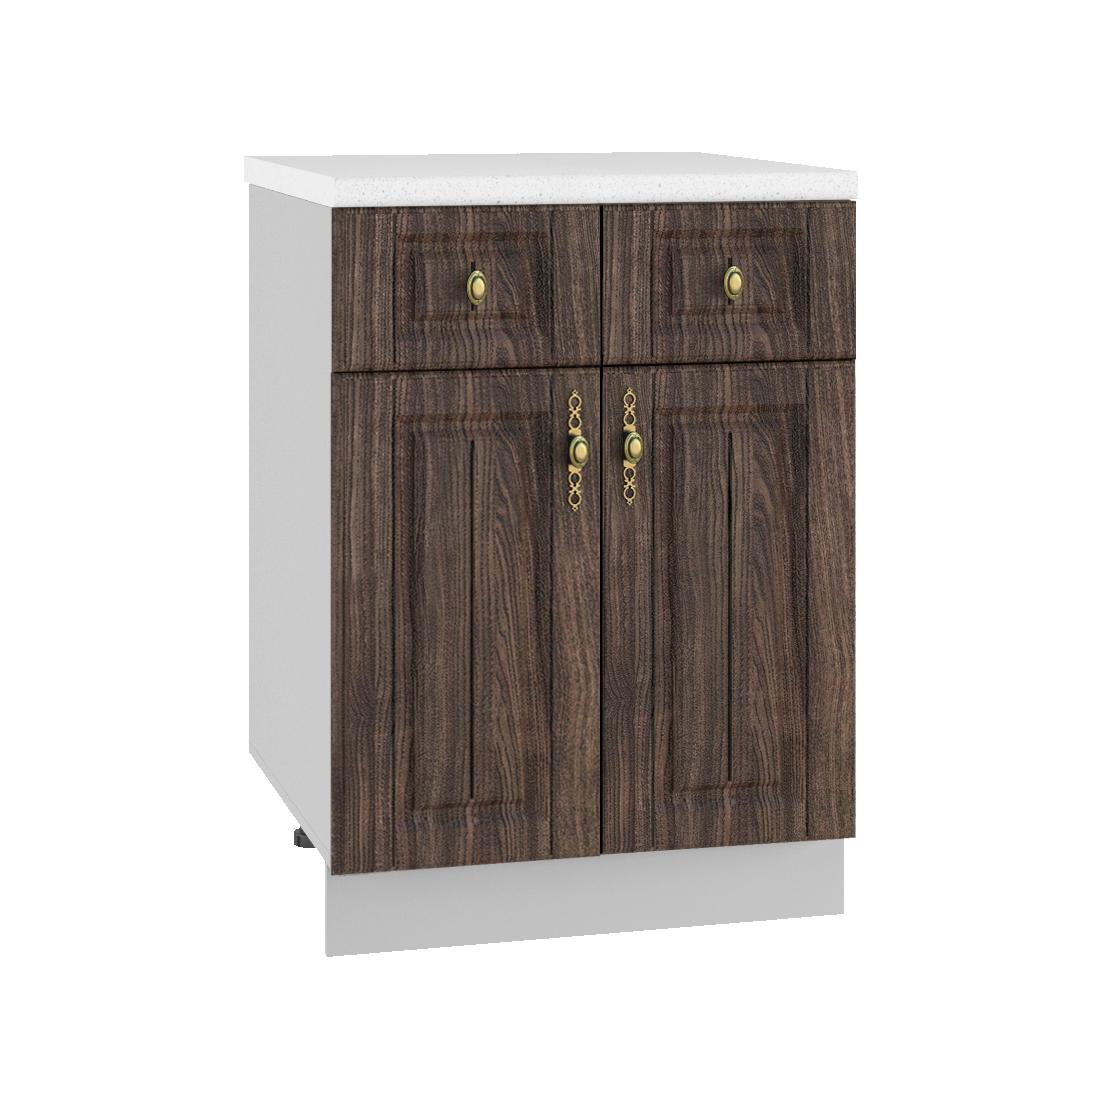 Кухня Империя С2Я 600 Шкаф нижний /2 ящика